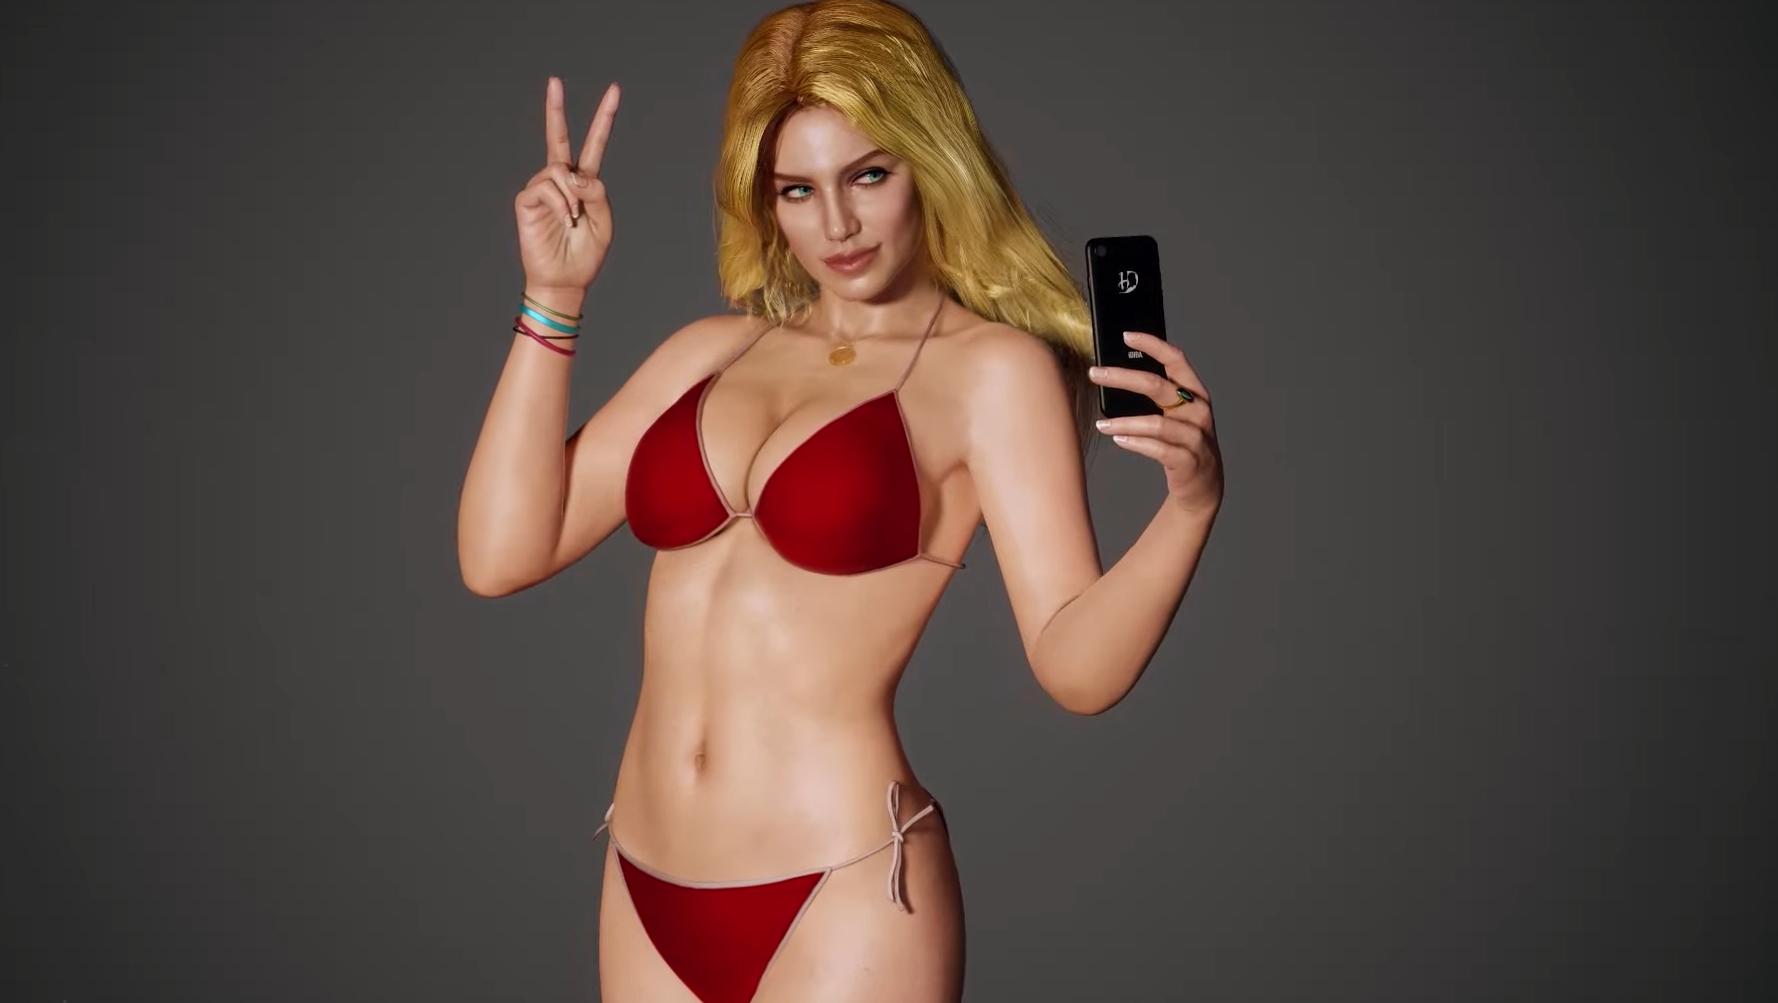 Видео: художник создал 3D-модель девушки в купальнике с обложки Grand Theft Auto V